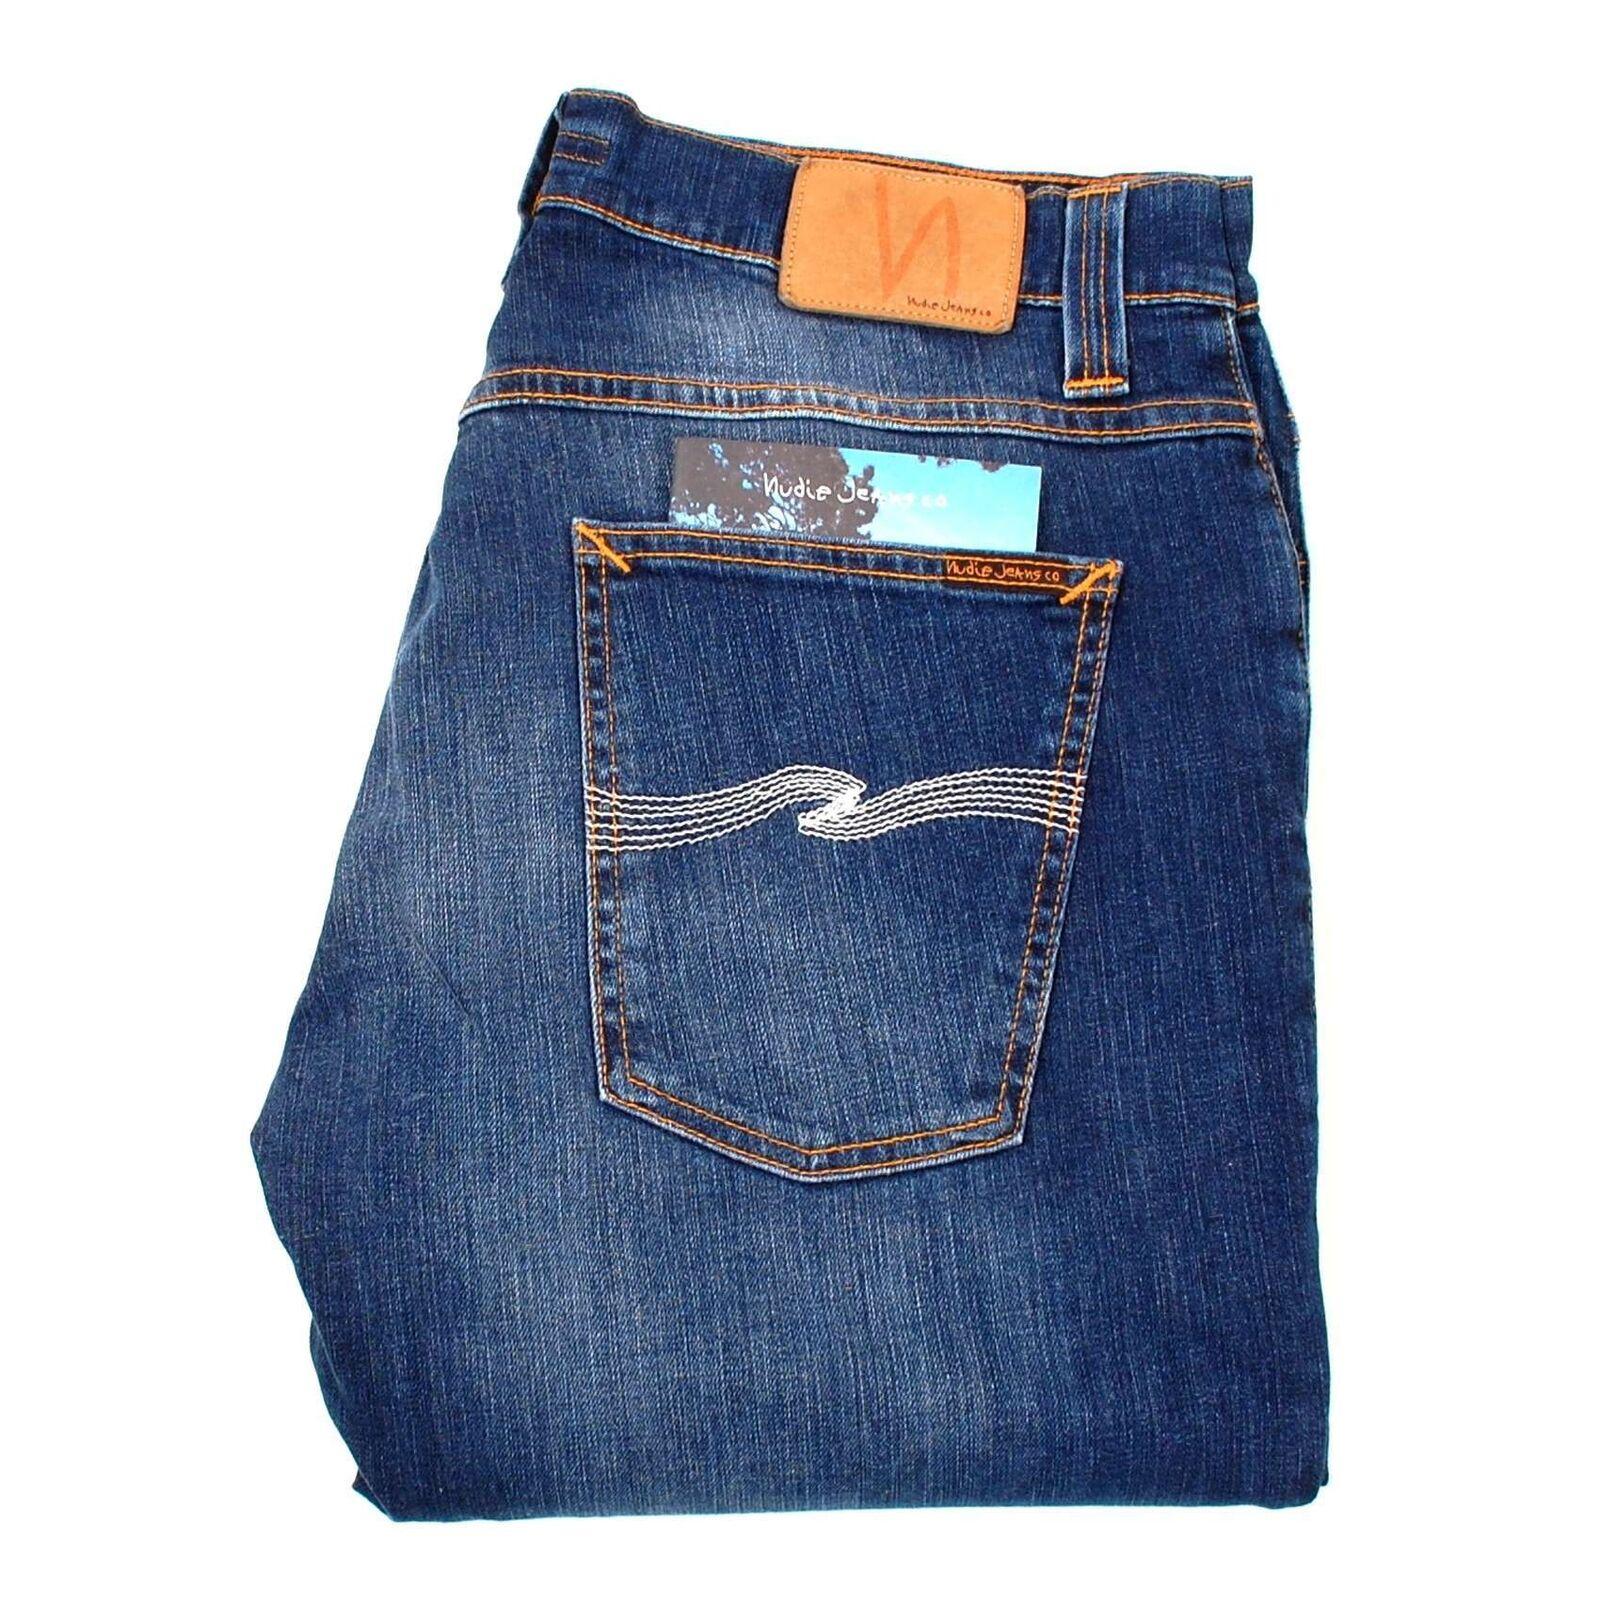 NUDIE JEANS Grim Tim Org. Slub Ecru Embo Straight RRP 150 GBP men Jeans 36 32